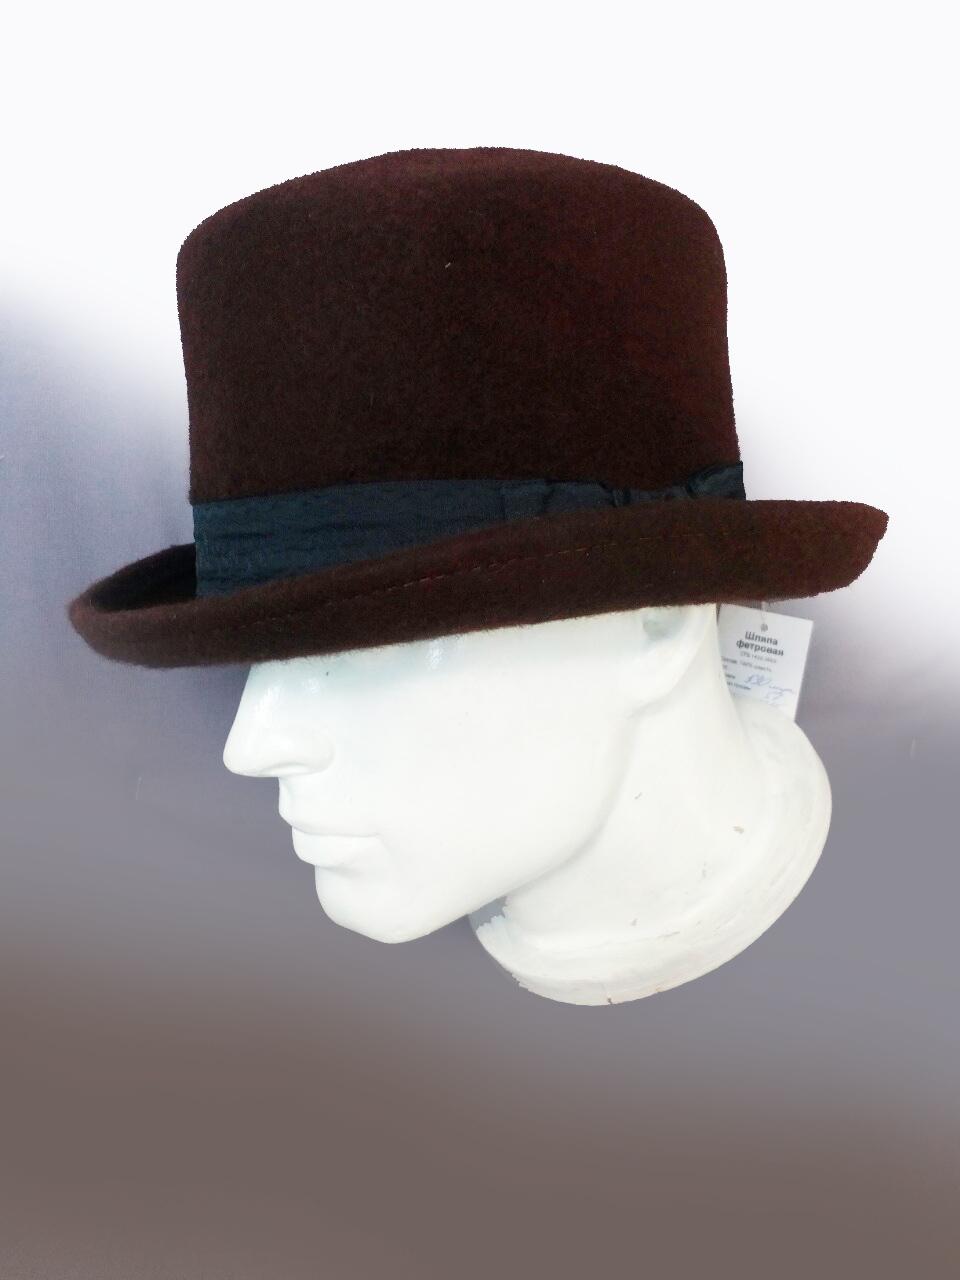 Шляпа фетровая 530 муж изображение 3